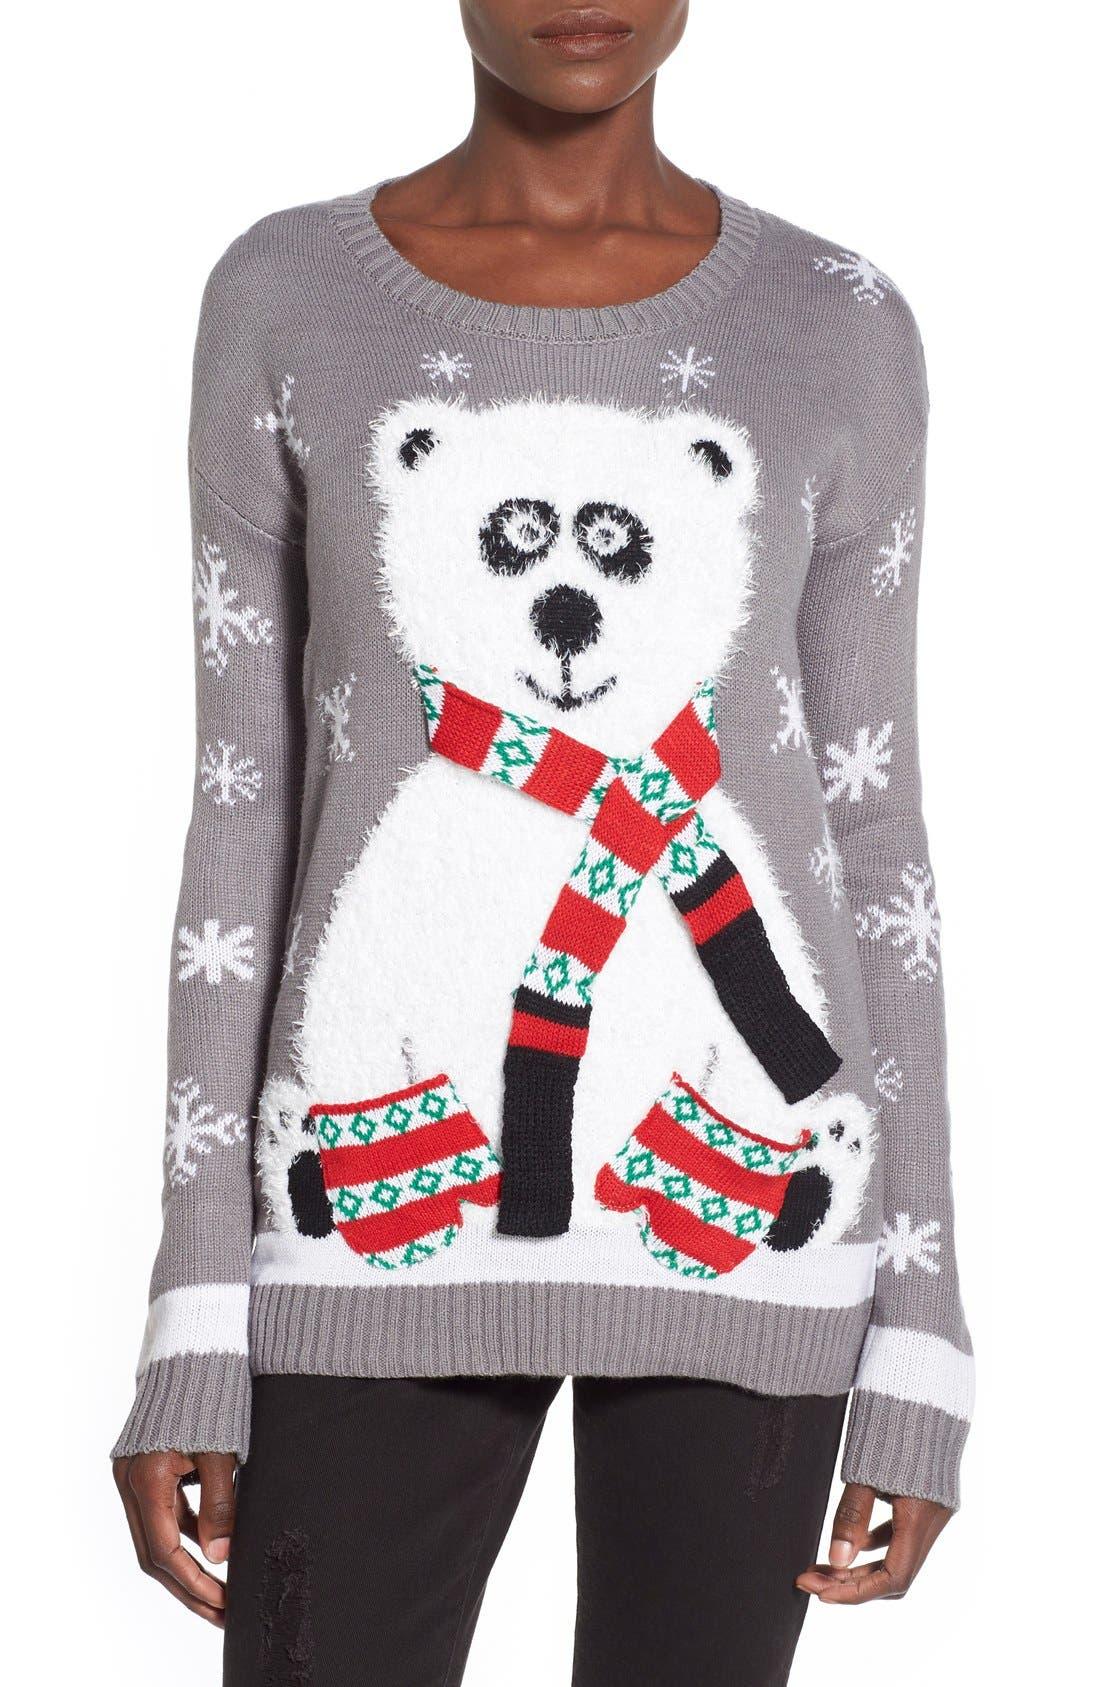 Alternate Image 1 Selected - Derek Heart Polar Bear Christmas Sweater